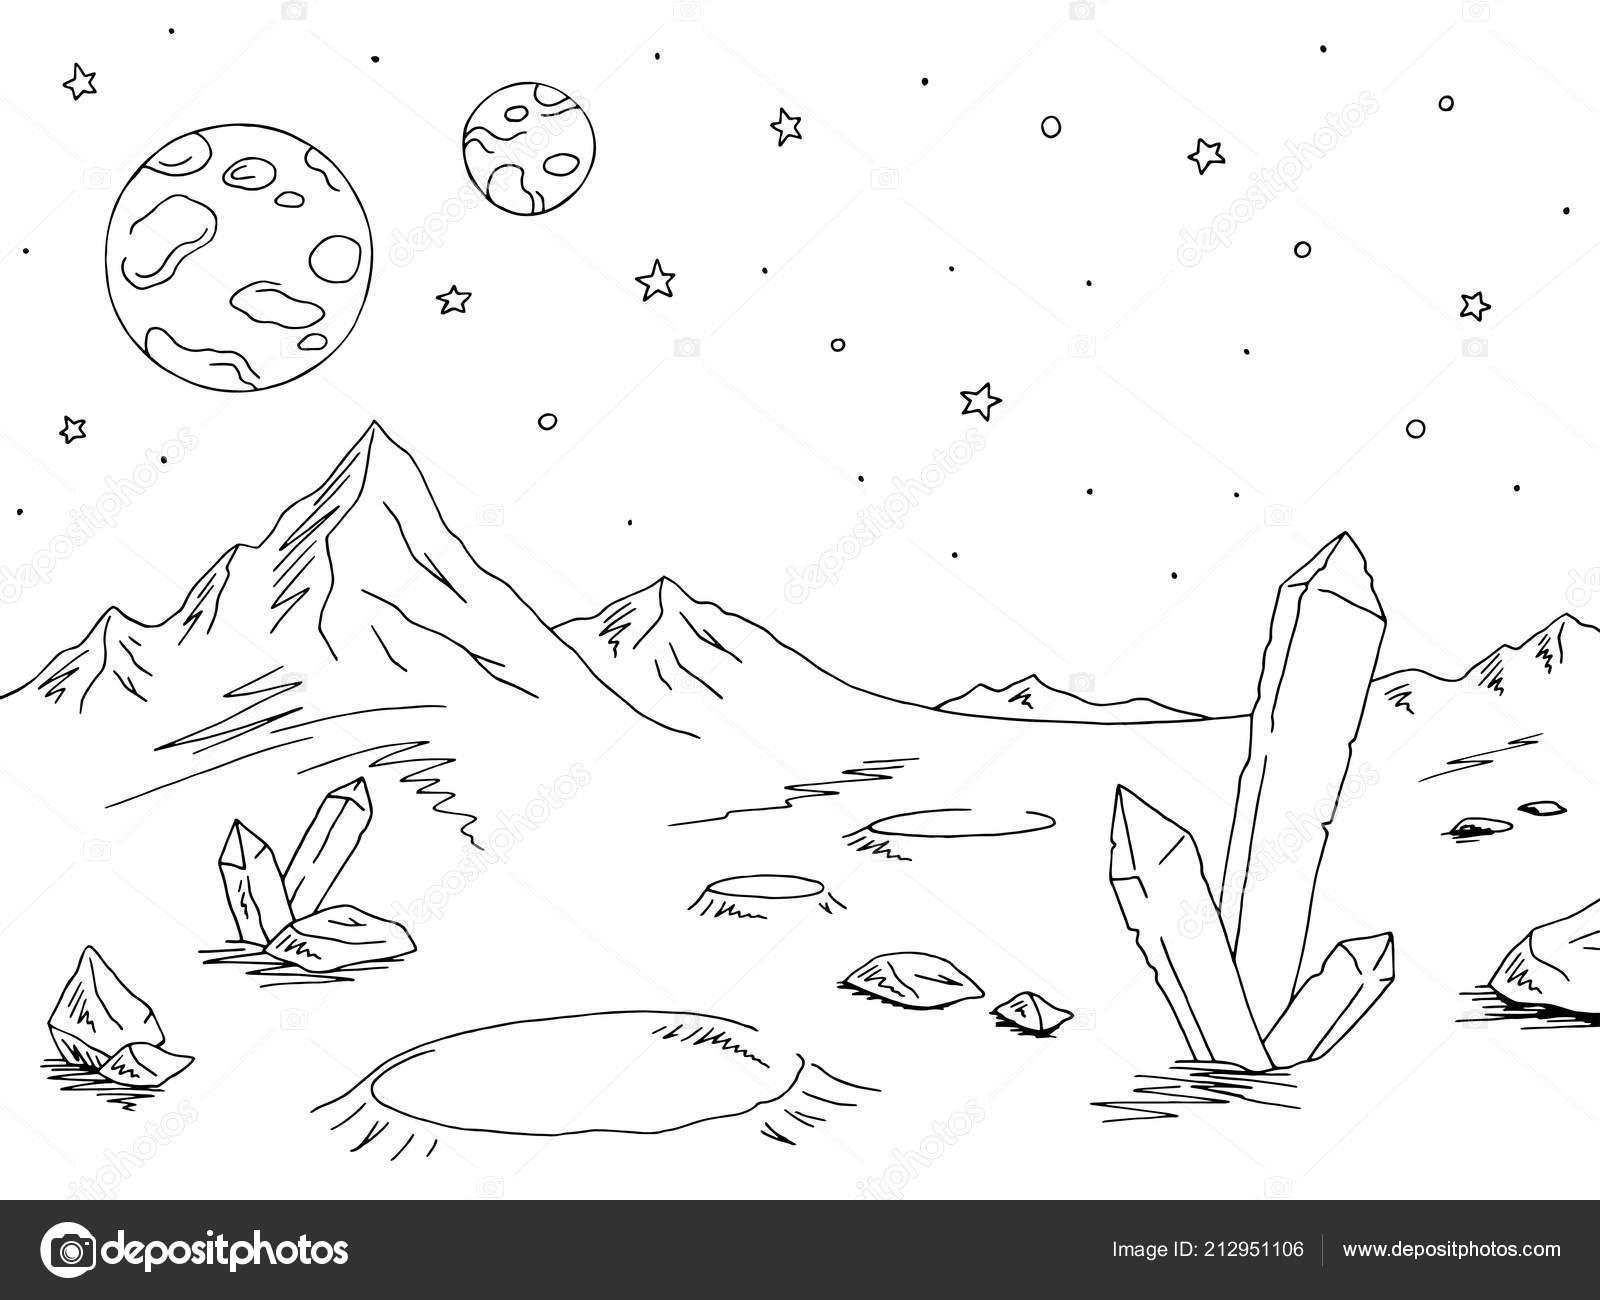 Alien Planet Graphic Black White Space Landscape Sketch